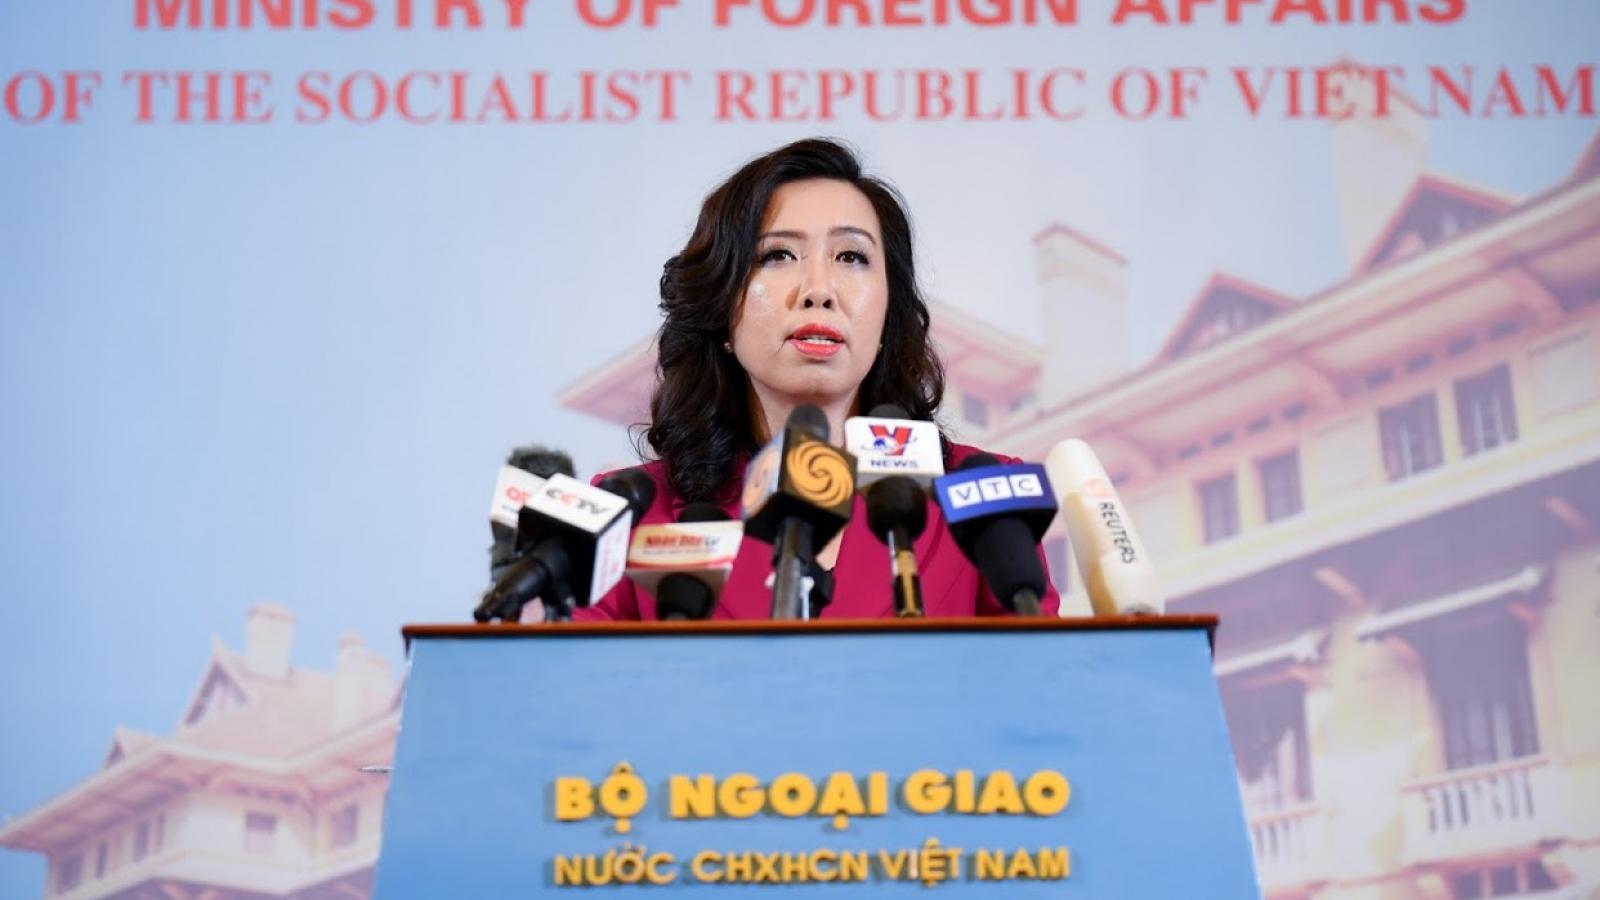 Việt Nam kêu gọi Hoa Kỳ chấm dứt chính sách thù địch và lệnh cấm vận đơn phương Cuba